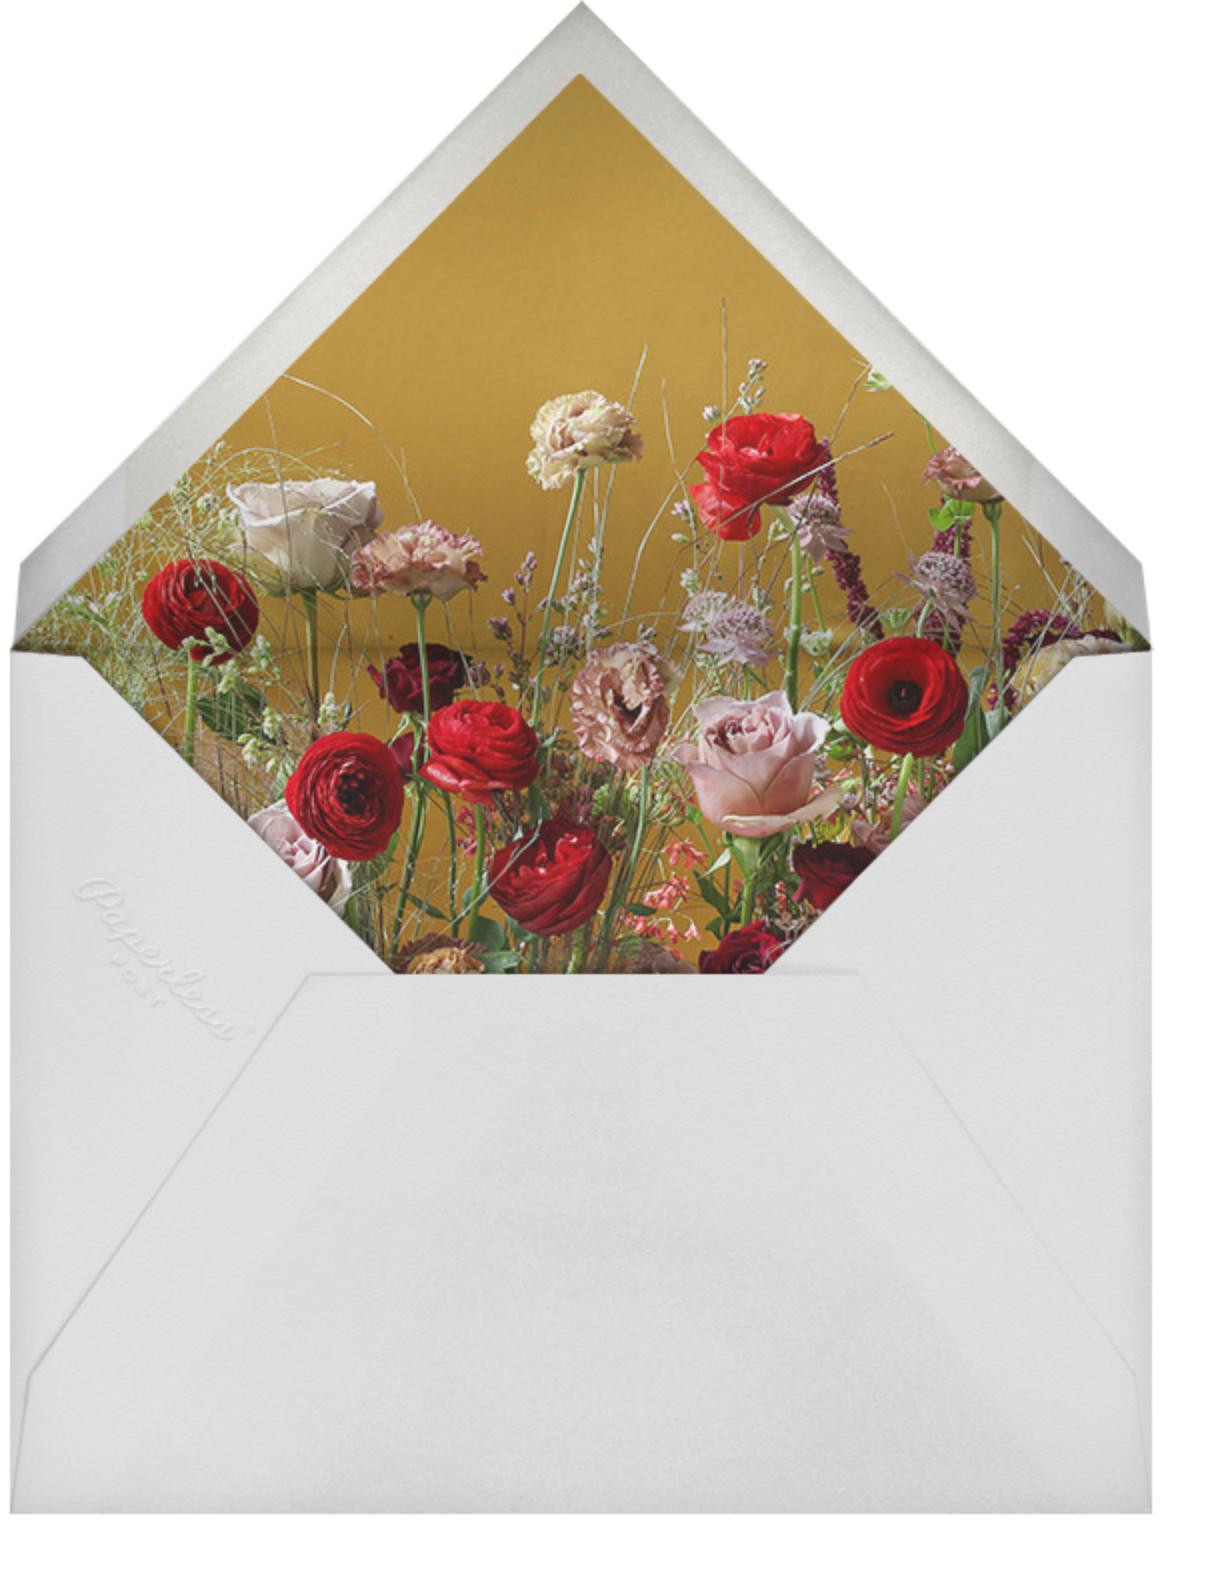 Germinal Photo (Double-Sided) - Putnam & Putnam - Bridal shower - envelope back